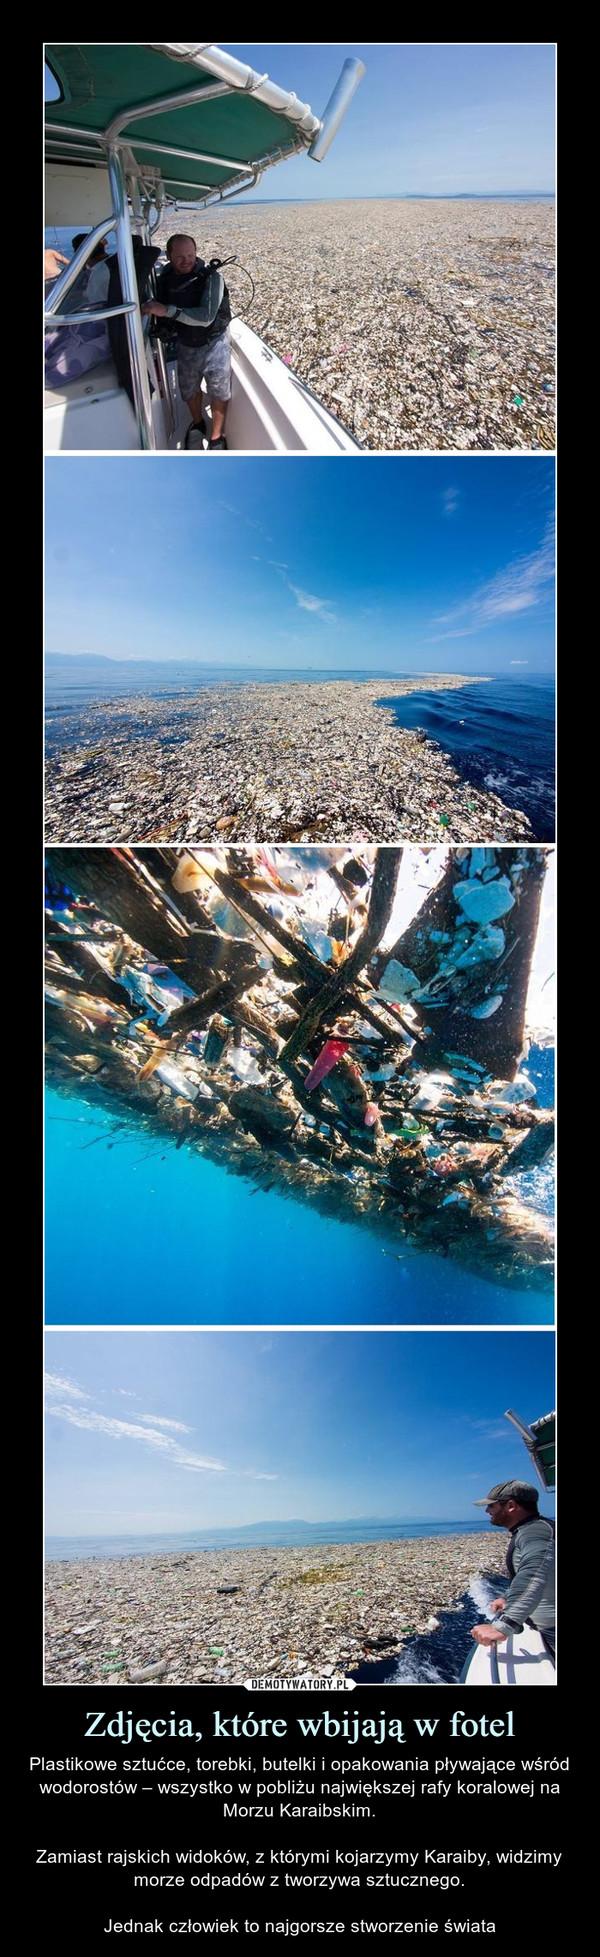 Zdjęcia, które wbijają w fotel – Plastikowe sztućce, torebki, butelki i opakowania pływające wśród wodorostów – wszystko w pobliżu największej rafy koralowej na Morzu Karaibskim.Zamiast rajskich widoków, z którymi kojarzymy Karaiby, widzimy morze odpadów z tworzywa sztucznego.Jednak człowiek to najgorsze stworzenie świata